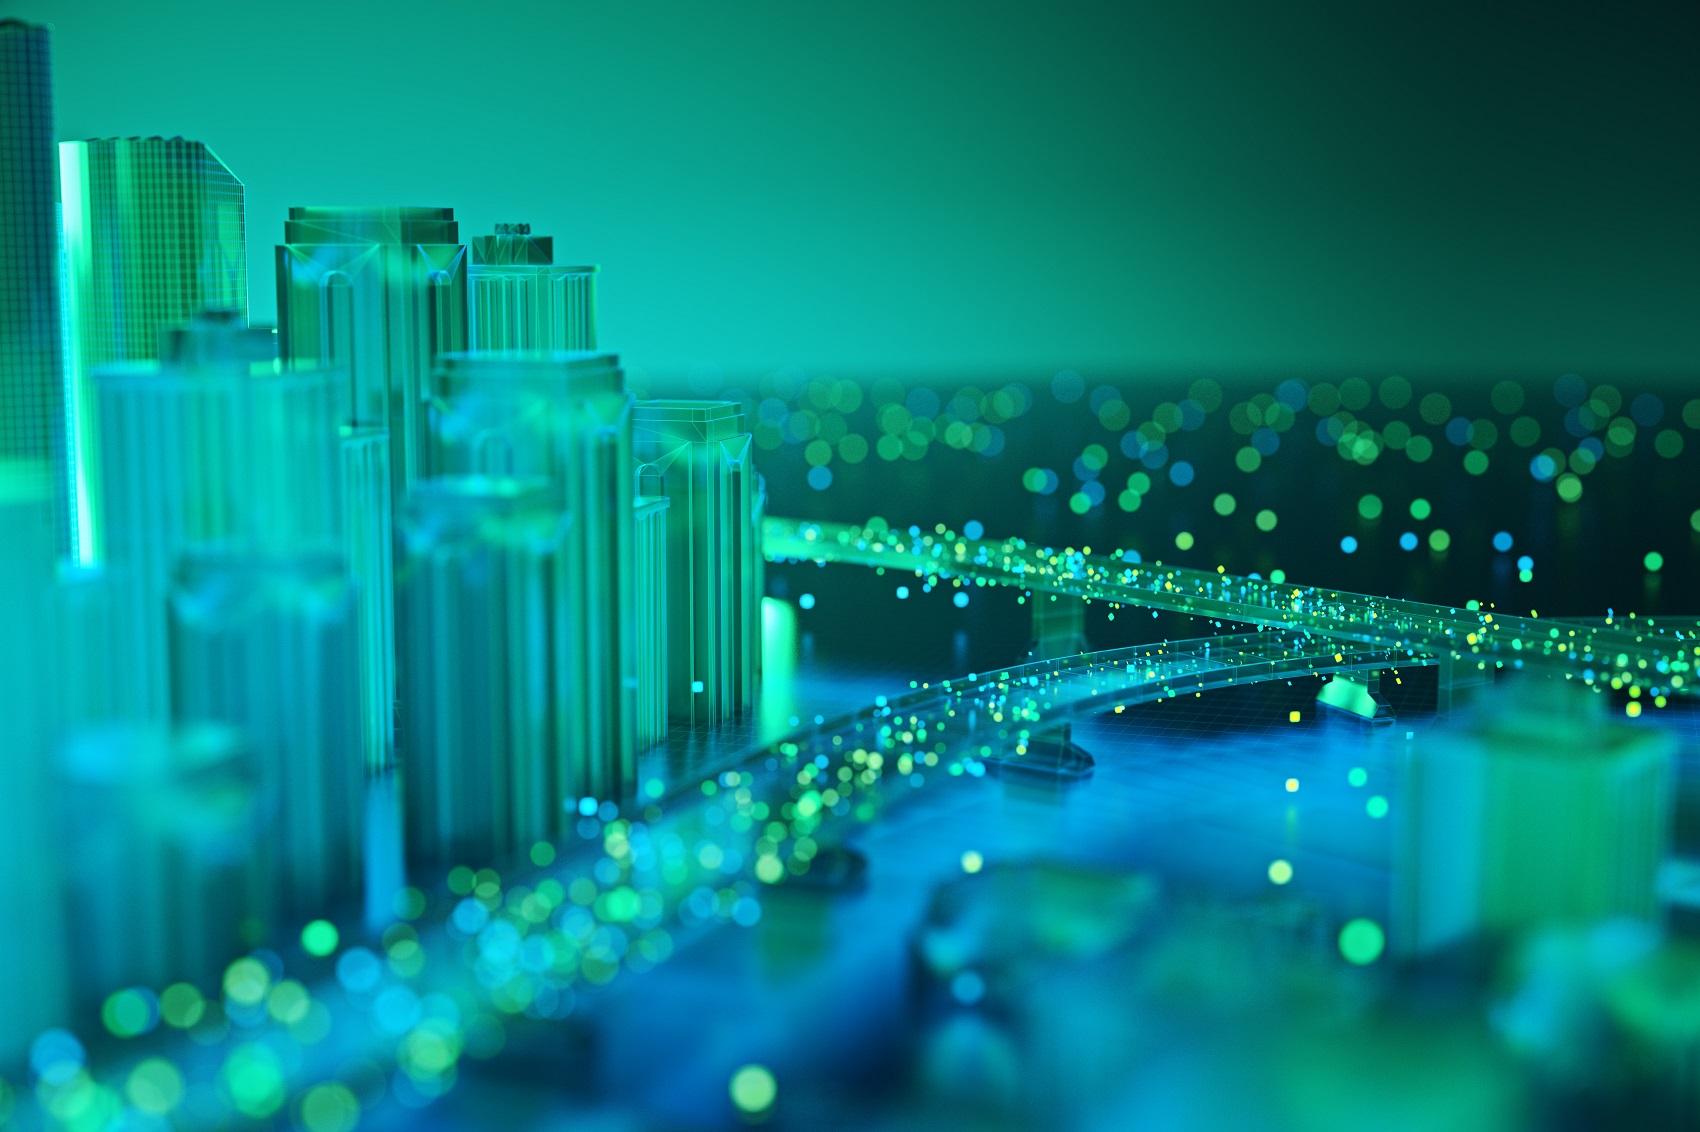 Are We Entering the Post-Digital Era? TechNative